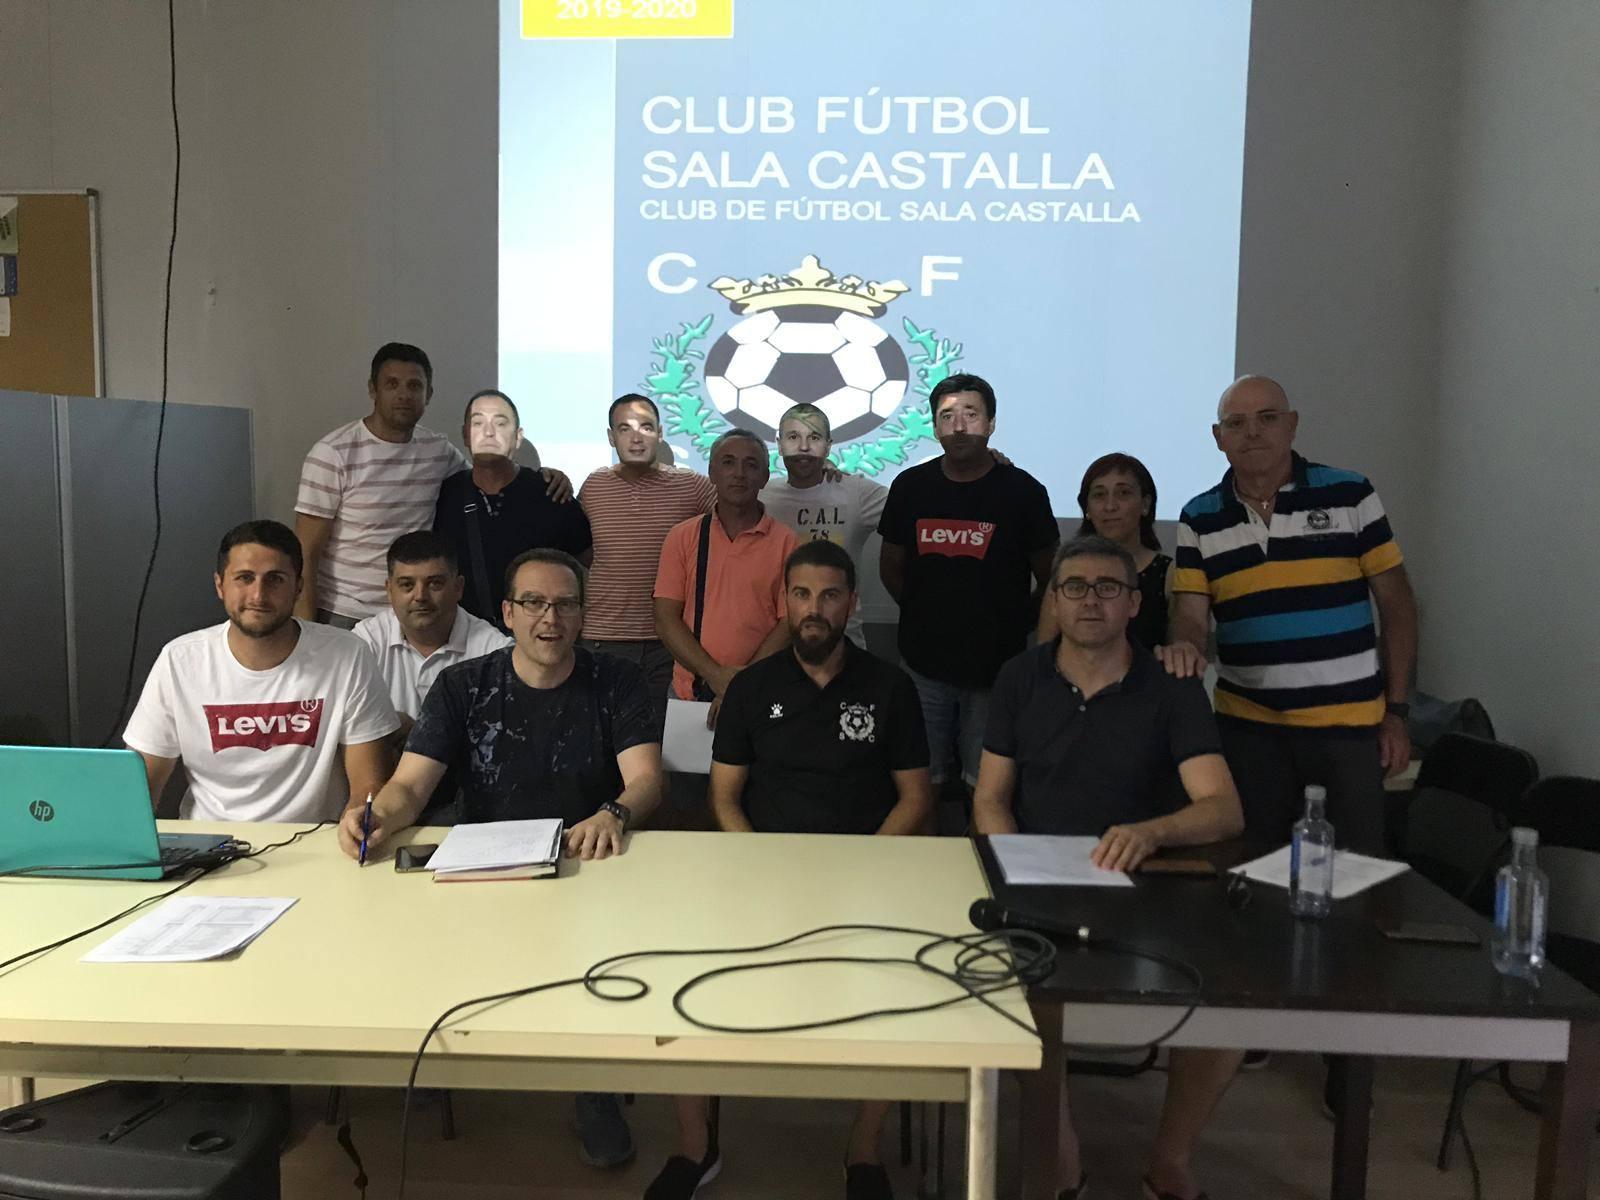 Carlos Ferrandis repetix al capdavant de la nova directiva del CFS Castalla